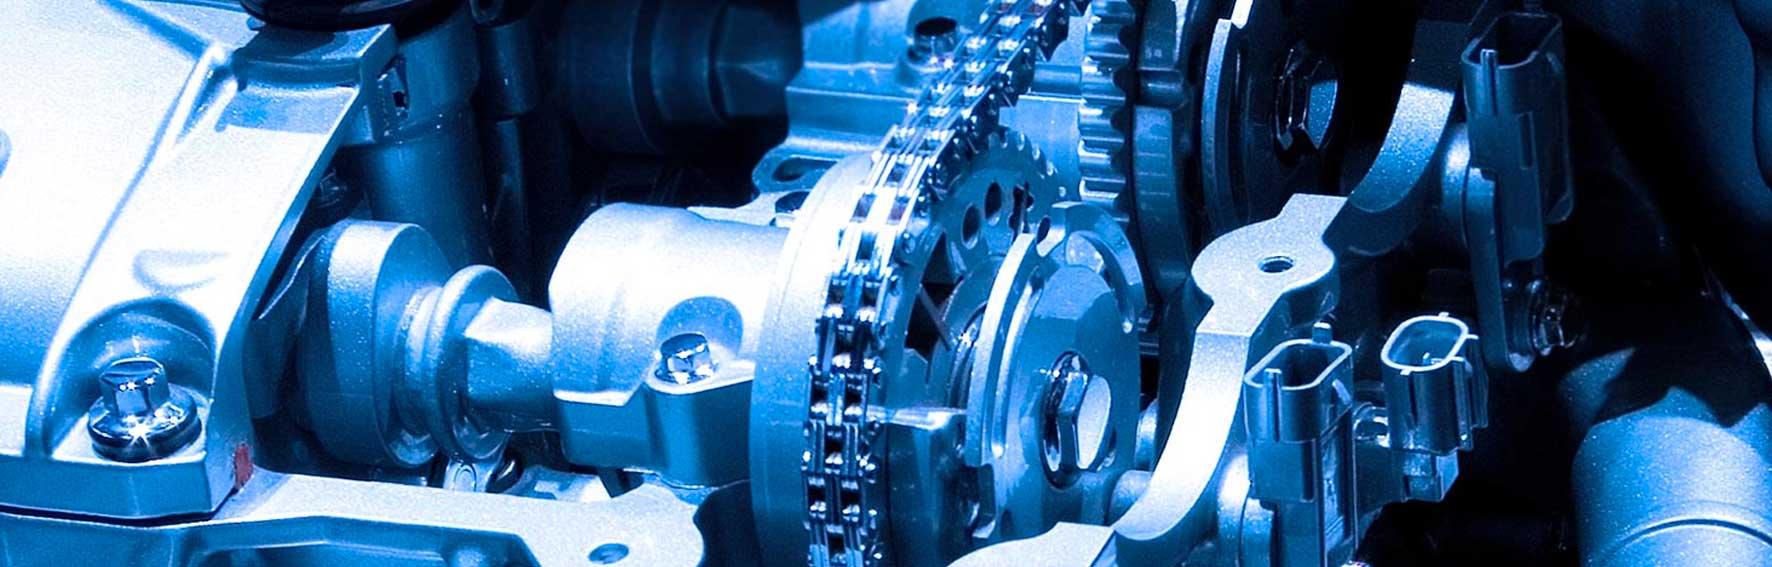 Ingegneria Meccanica Magistrale: Automotive, Progettazione, Produzione